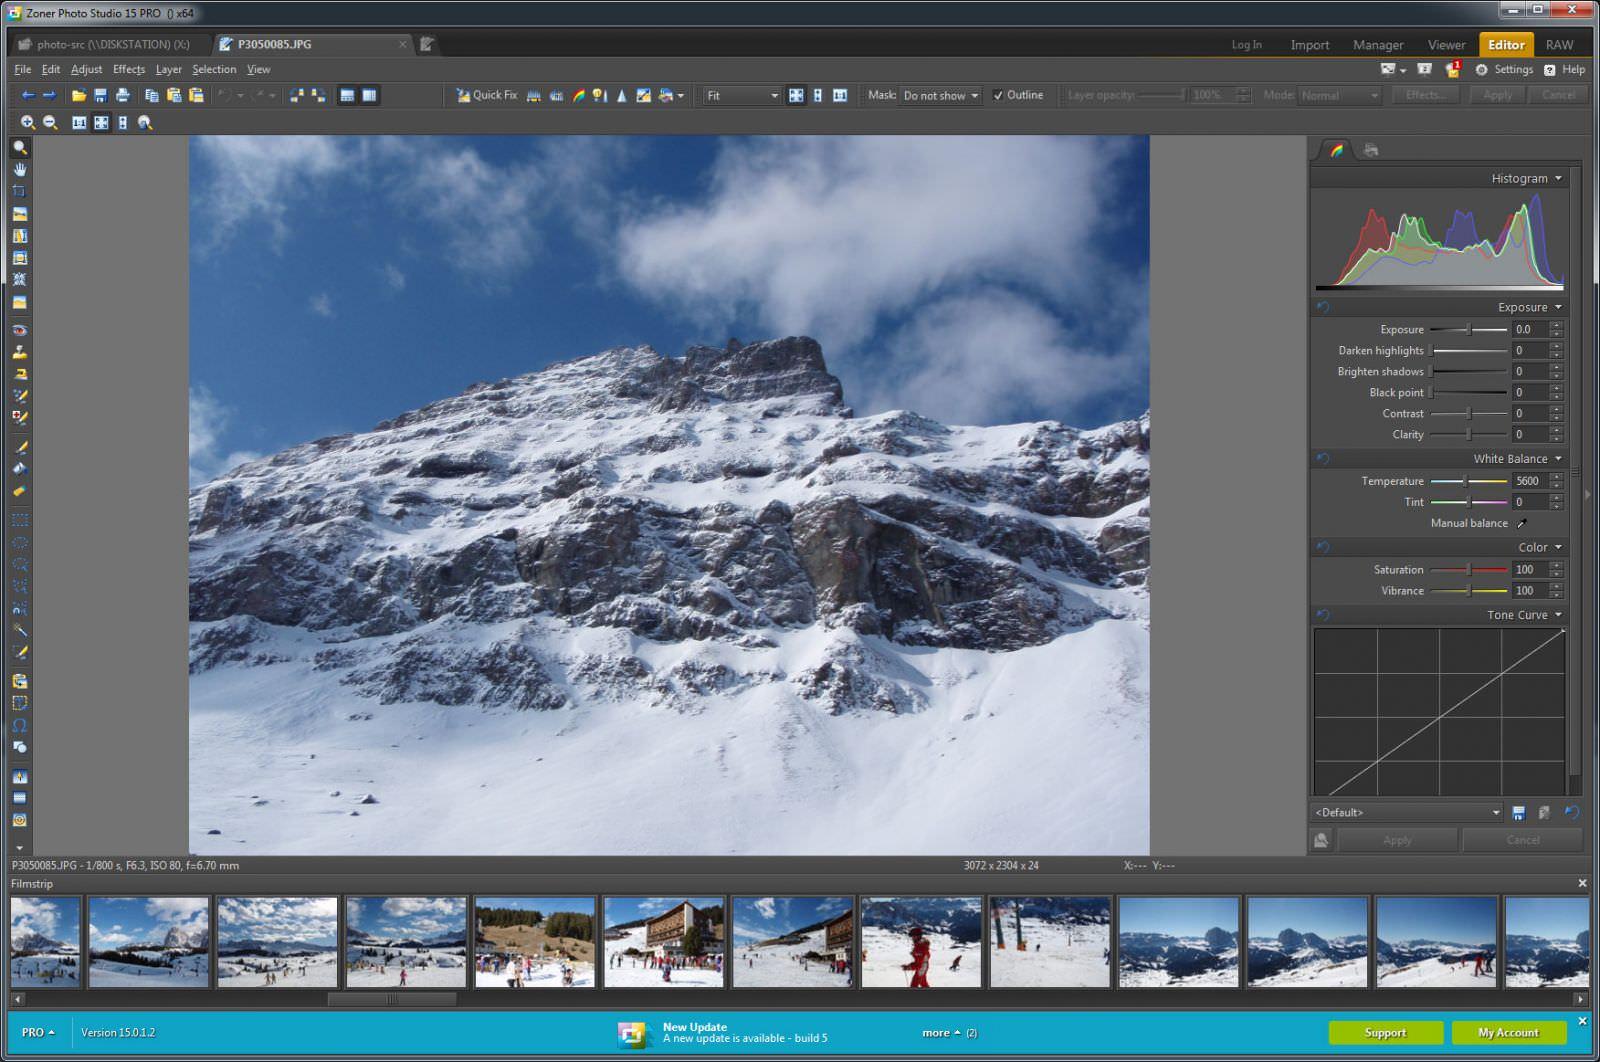 Verbessern Sie Zoner Photo Studio mit Plug-Ins Fotografieren Zoner photo studio plugins